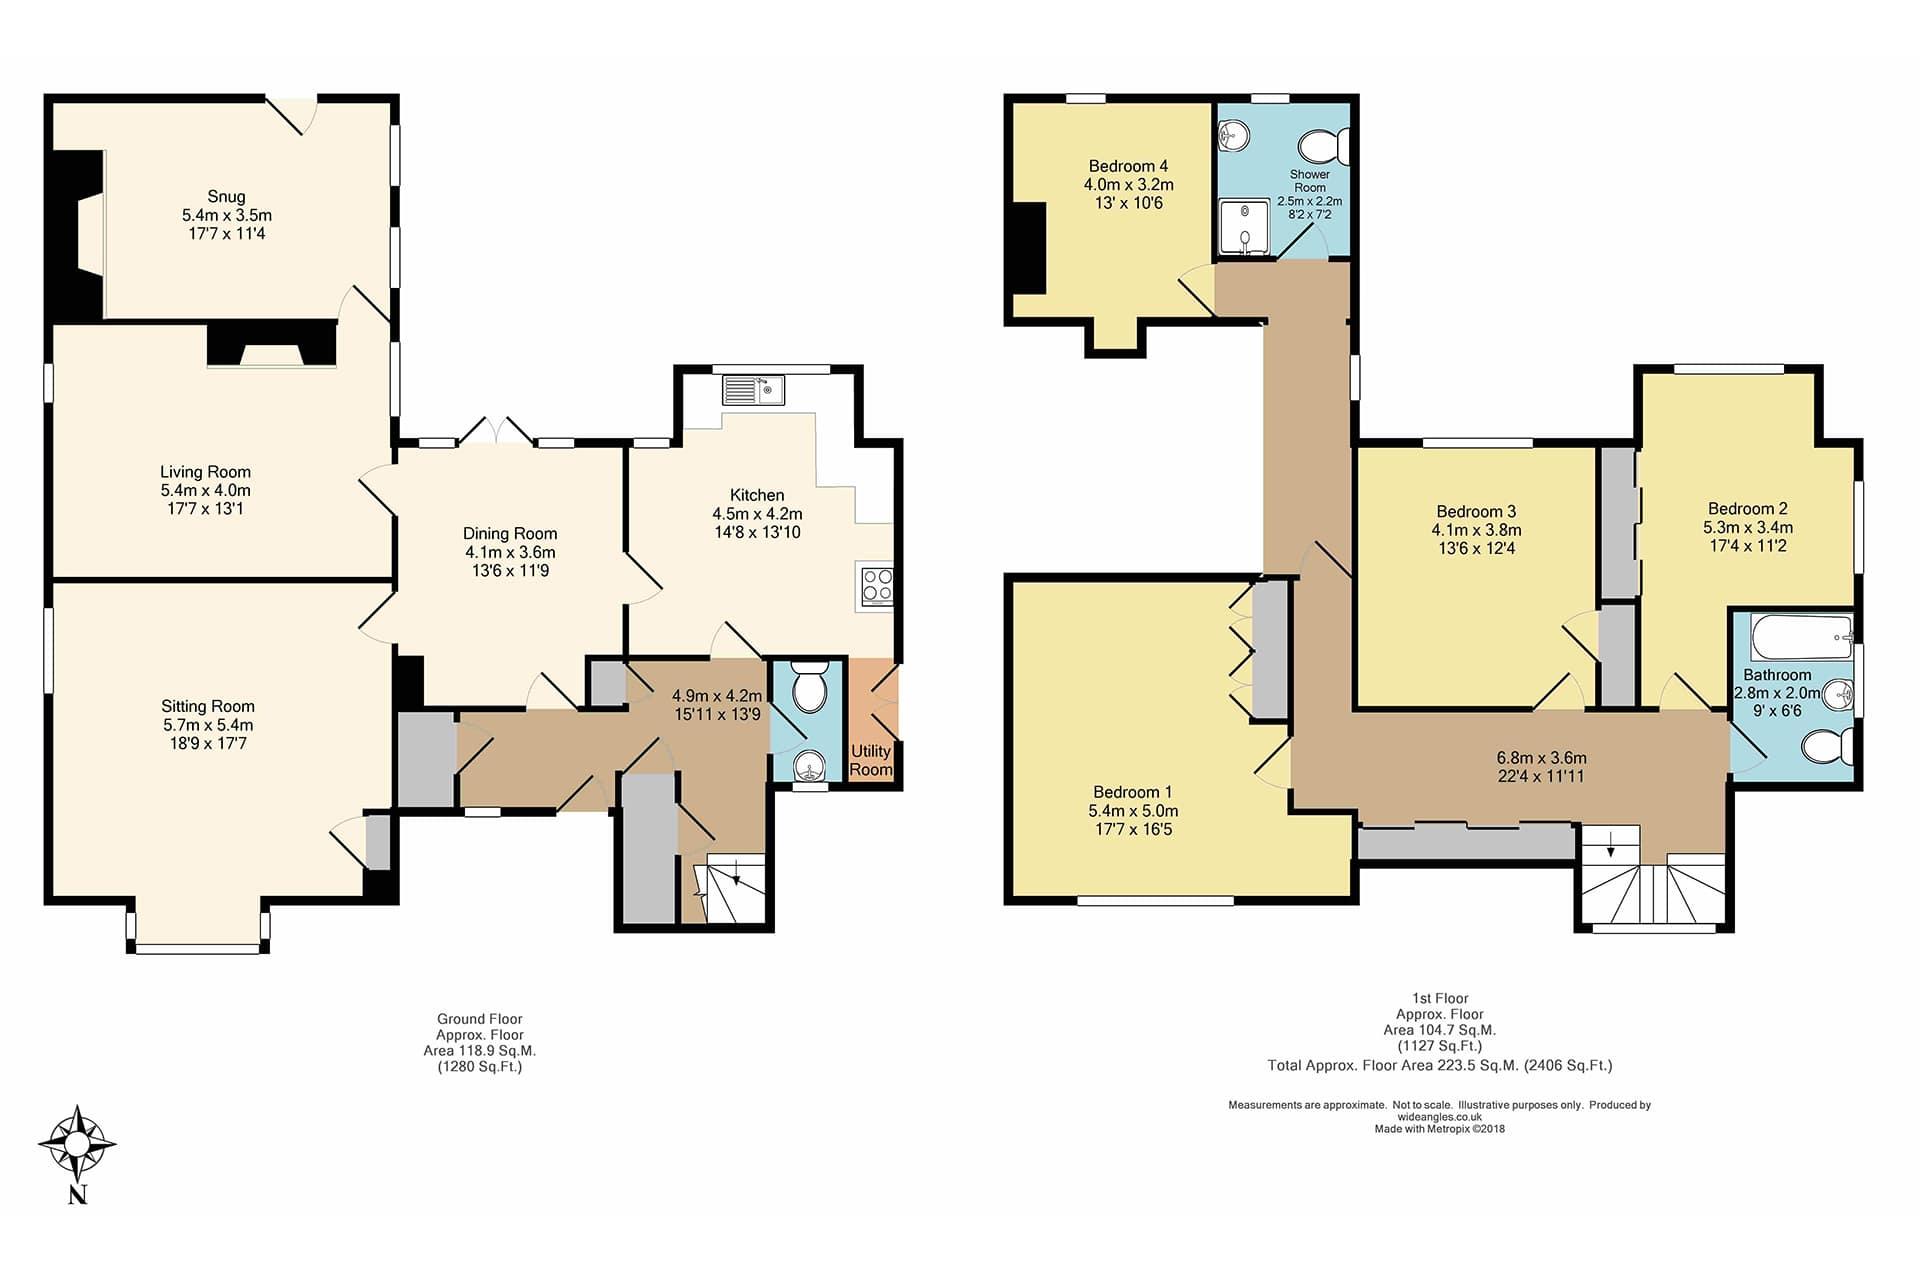 Wide Angles floor plan